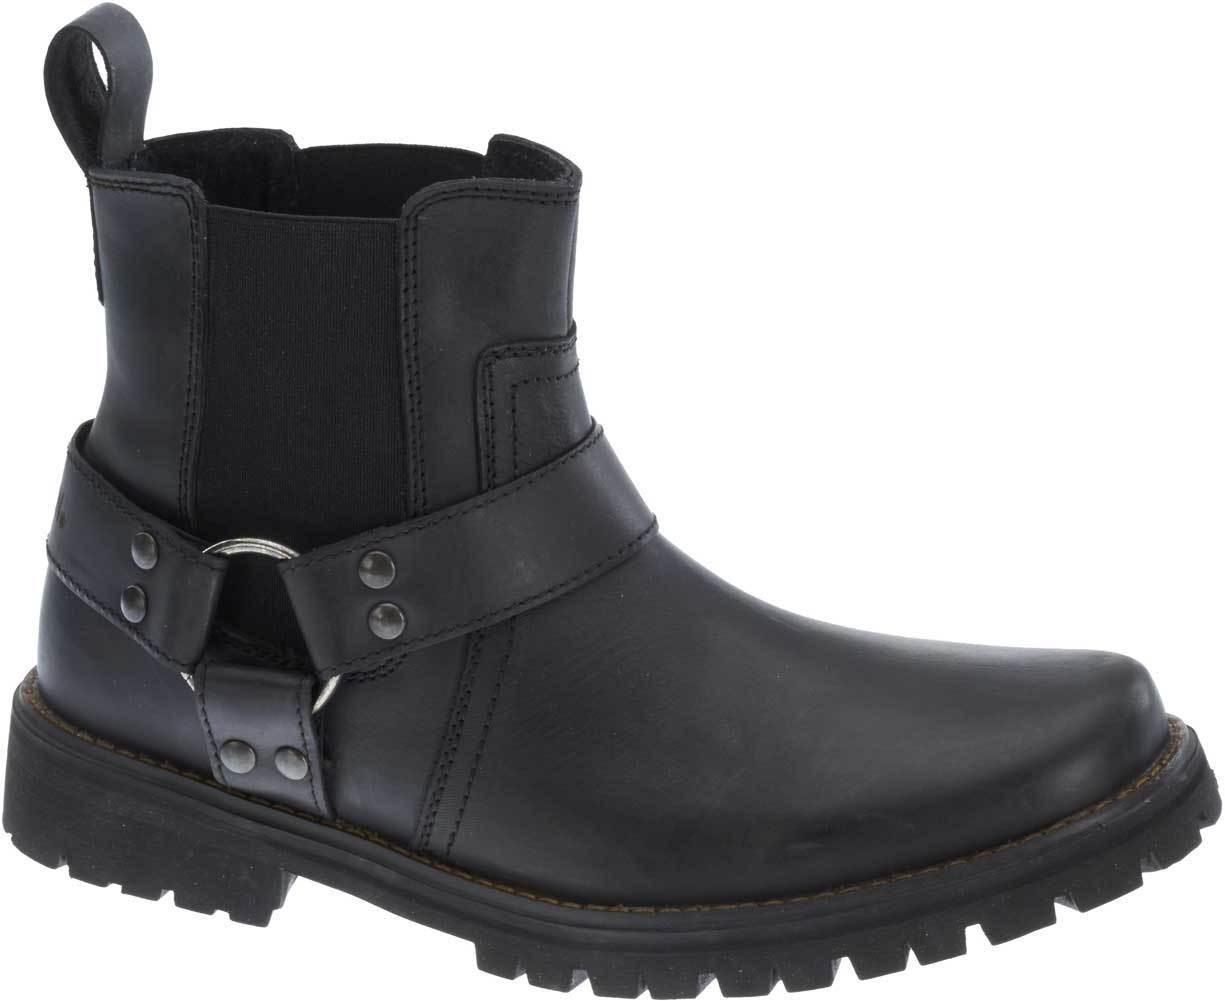 Duran Black Leather Bikerboots Men